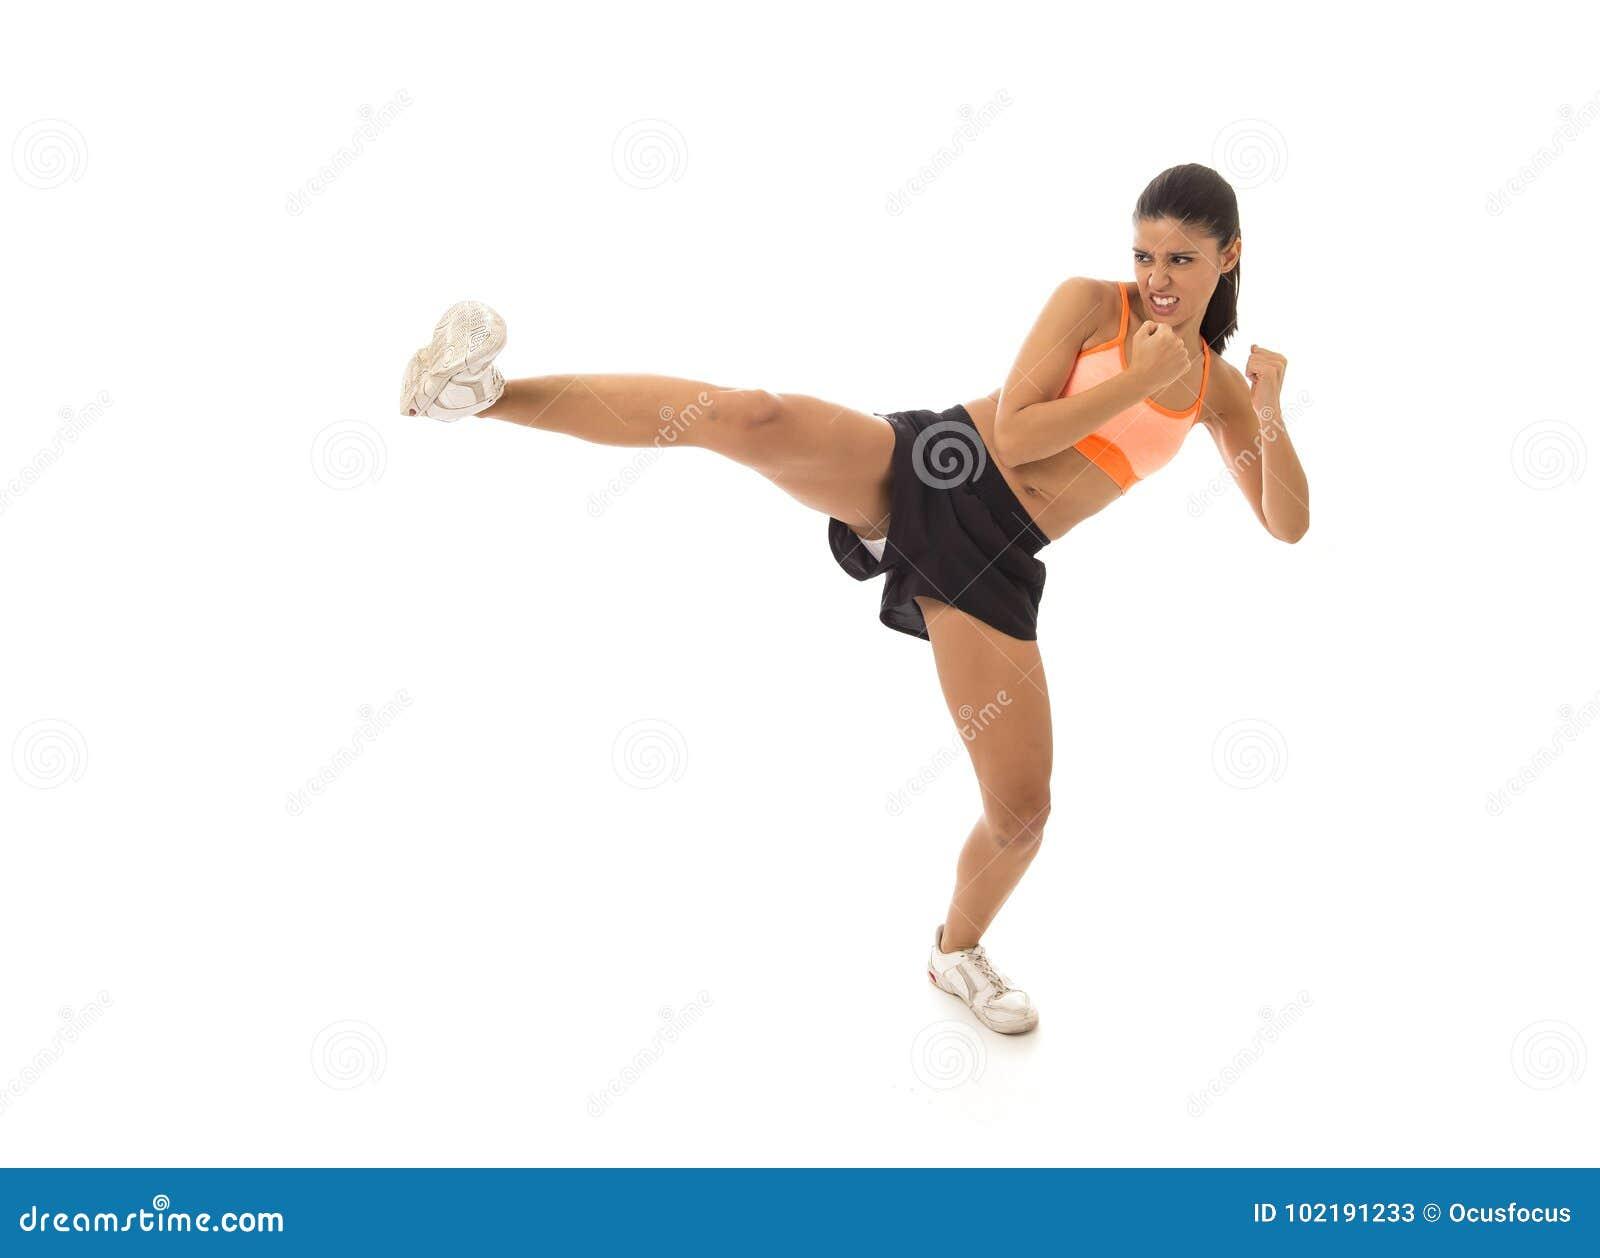 投掷积极的反撞力攻击的战斗和脚踢拳击训练锻炼的年轻可爱和愤怒的拉丁体育妇女